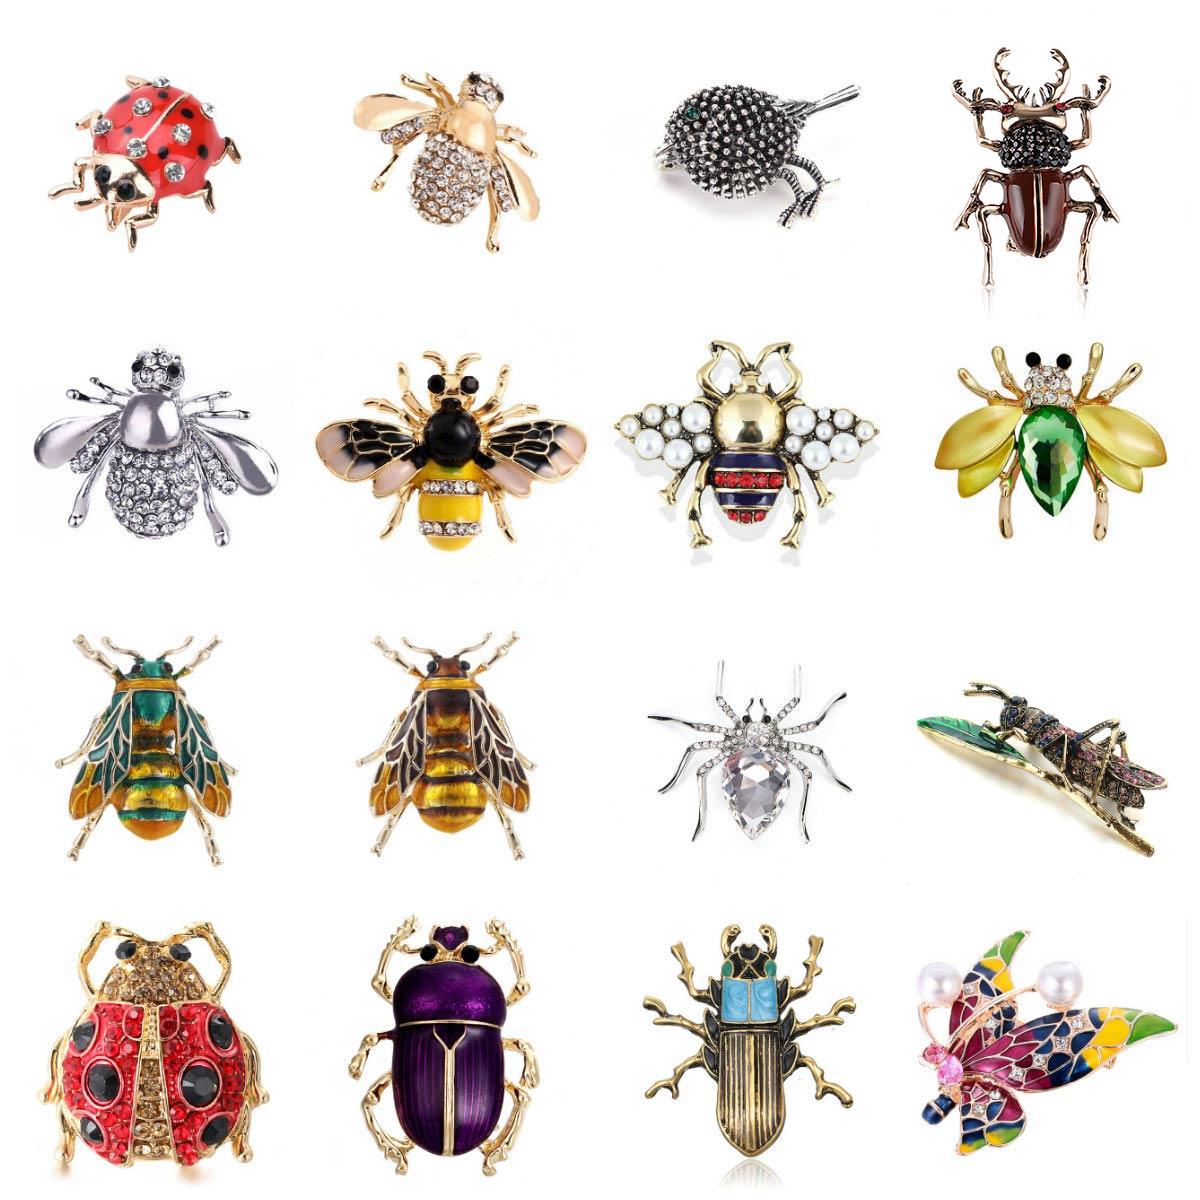 Животное, пчела, божья коровка, муравьи, птица, улитка, броши, насекомое, брошь на булавке, ювелирные изделия, для банкета, рождественские под...